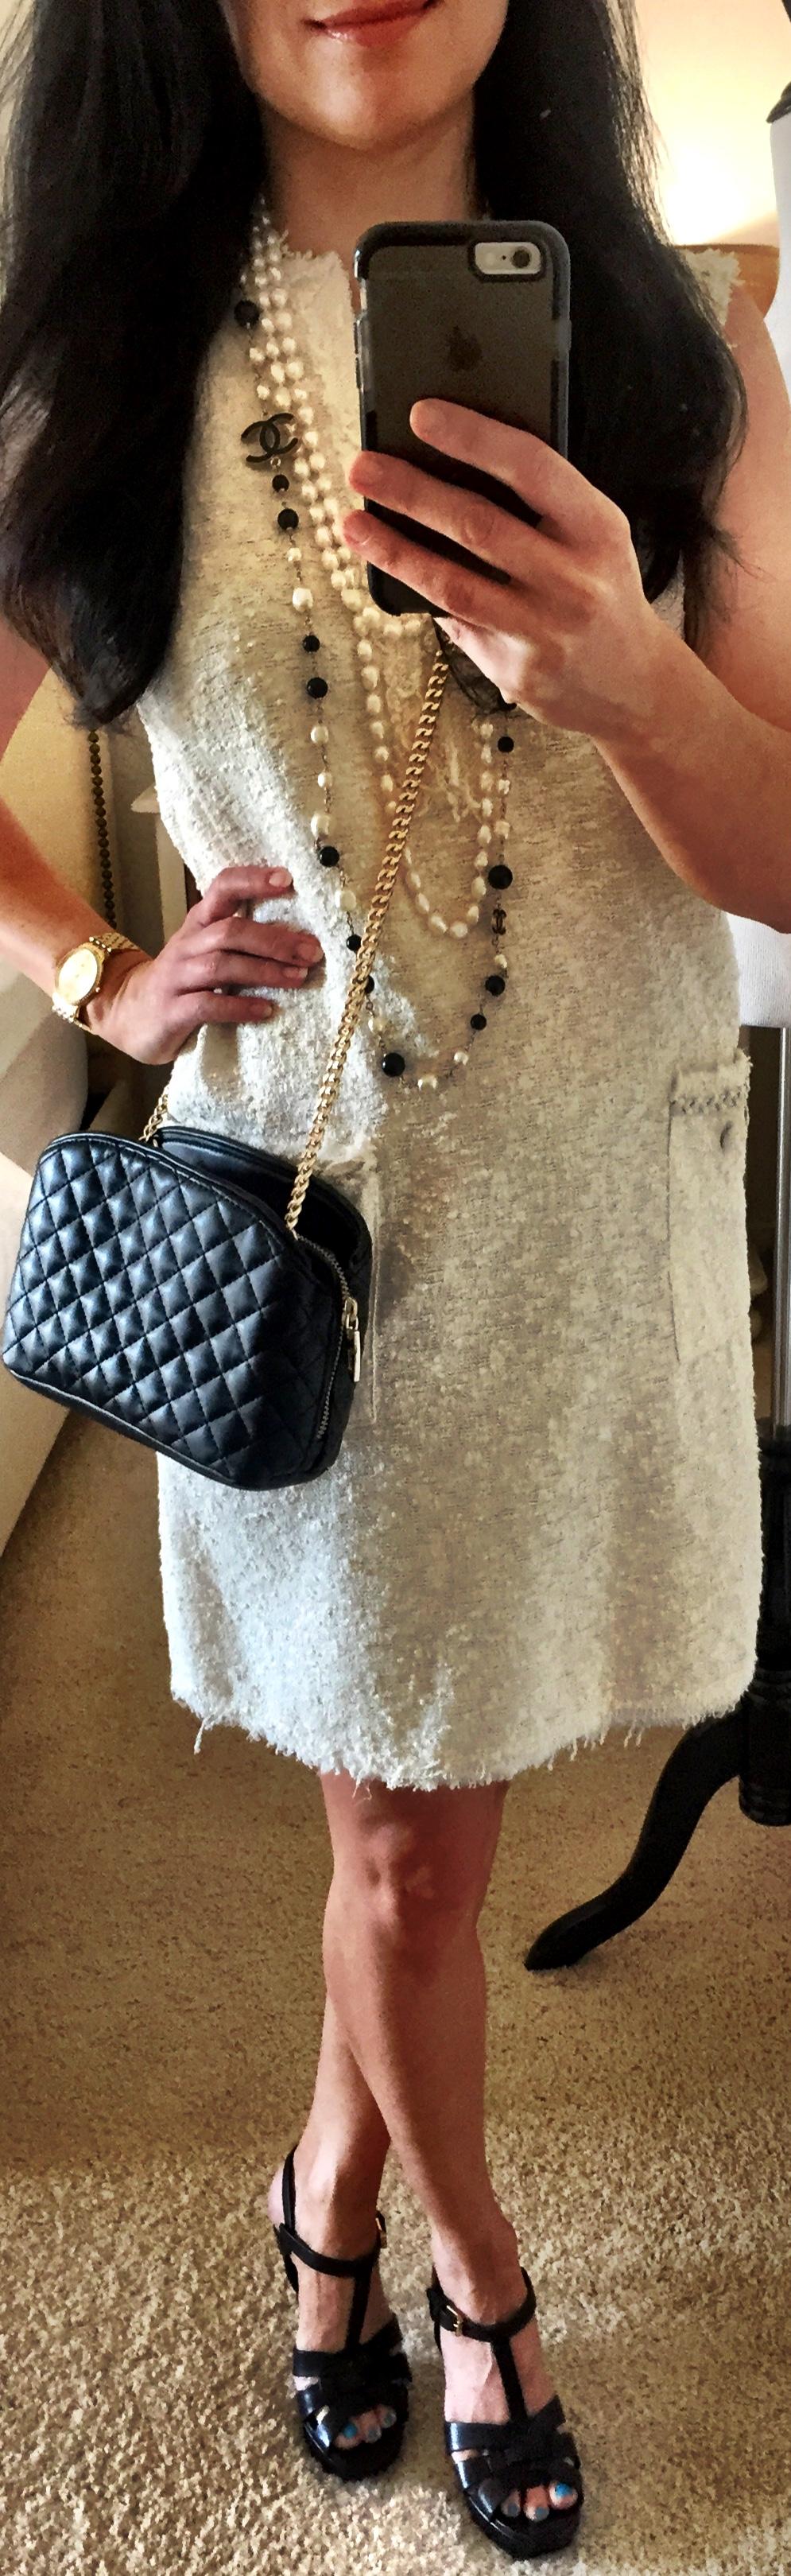 September 21, Textured Shift dress by Zara